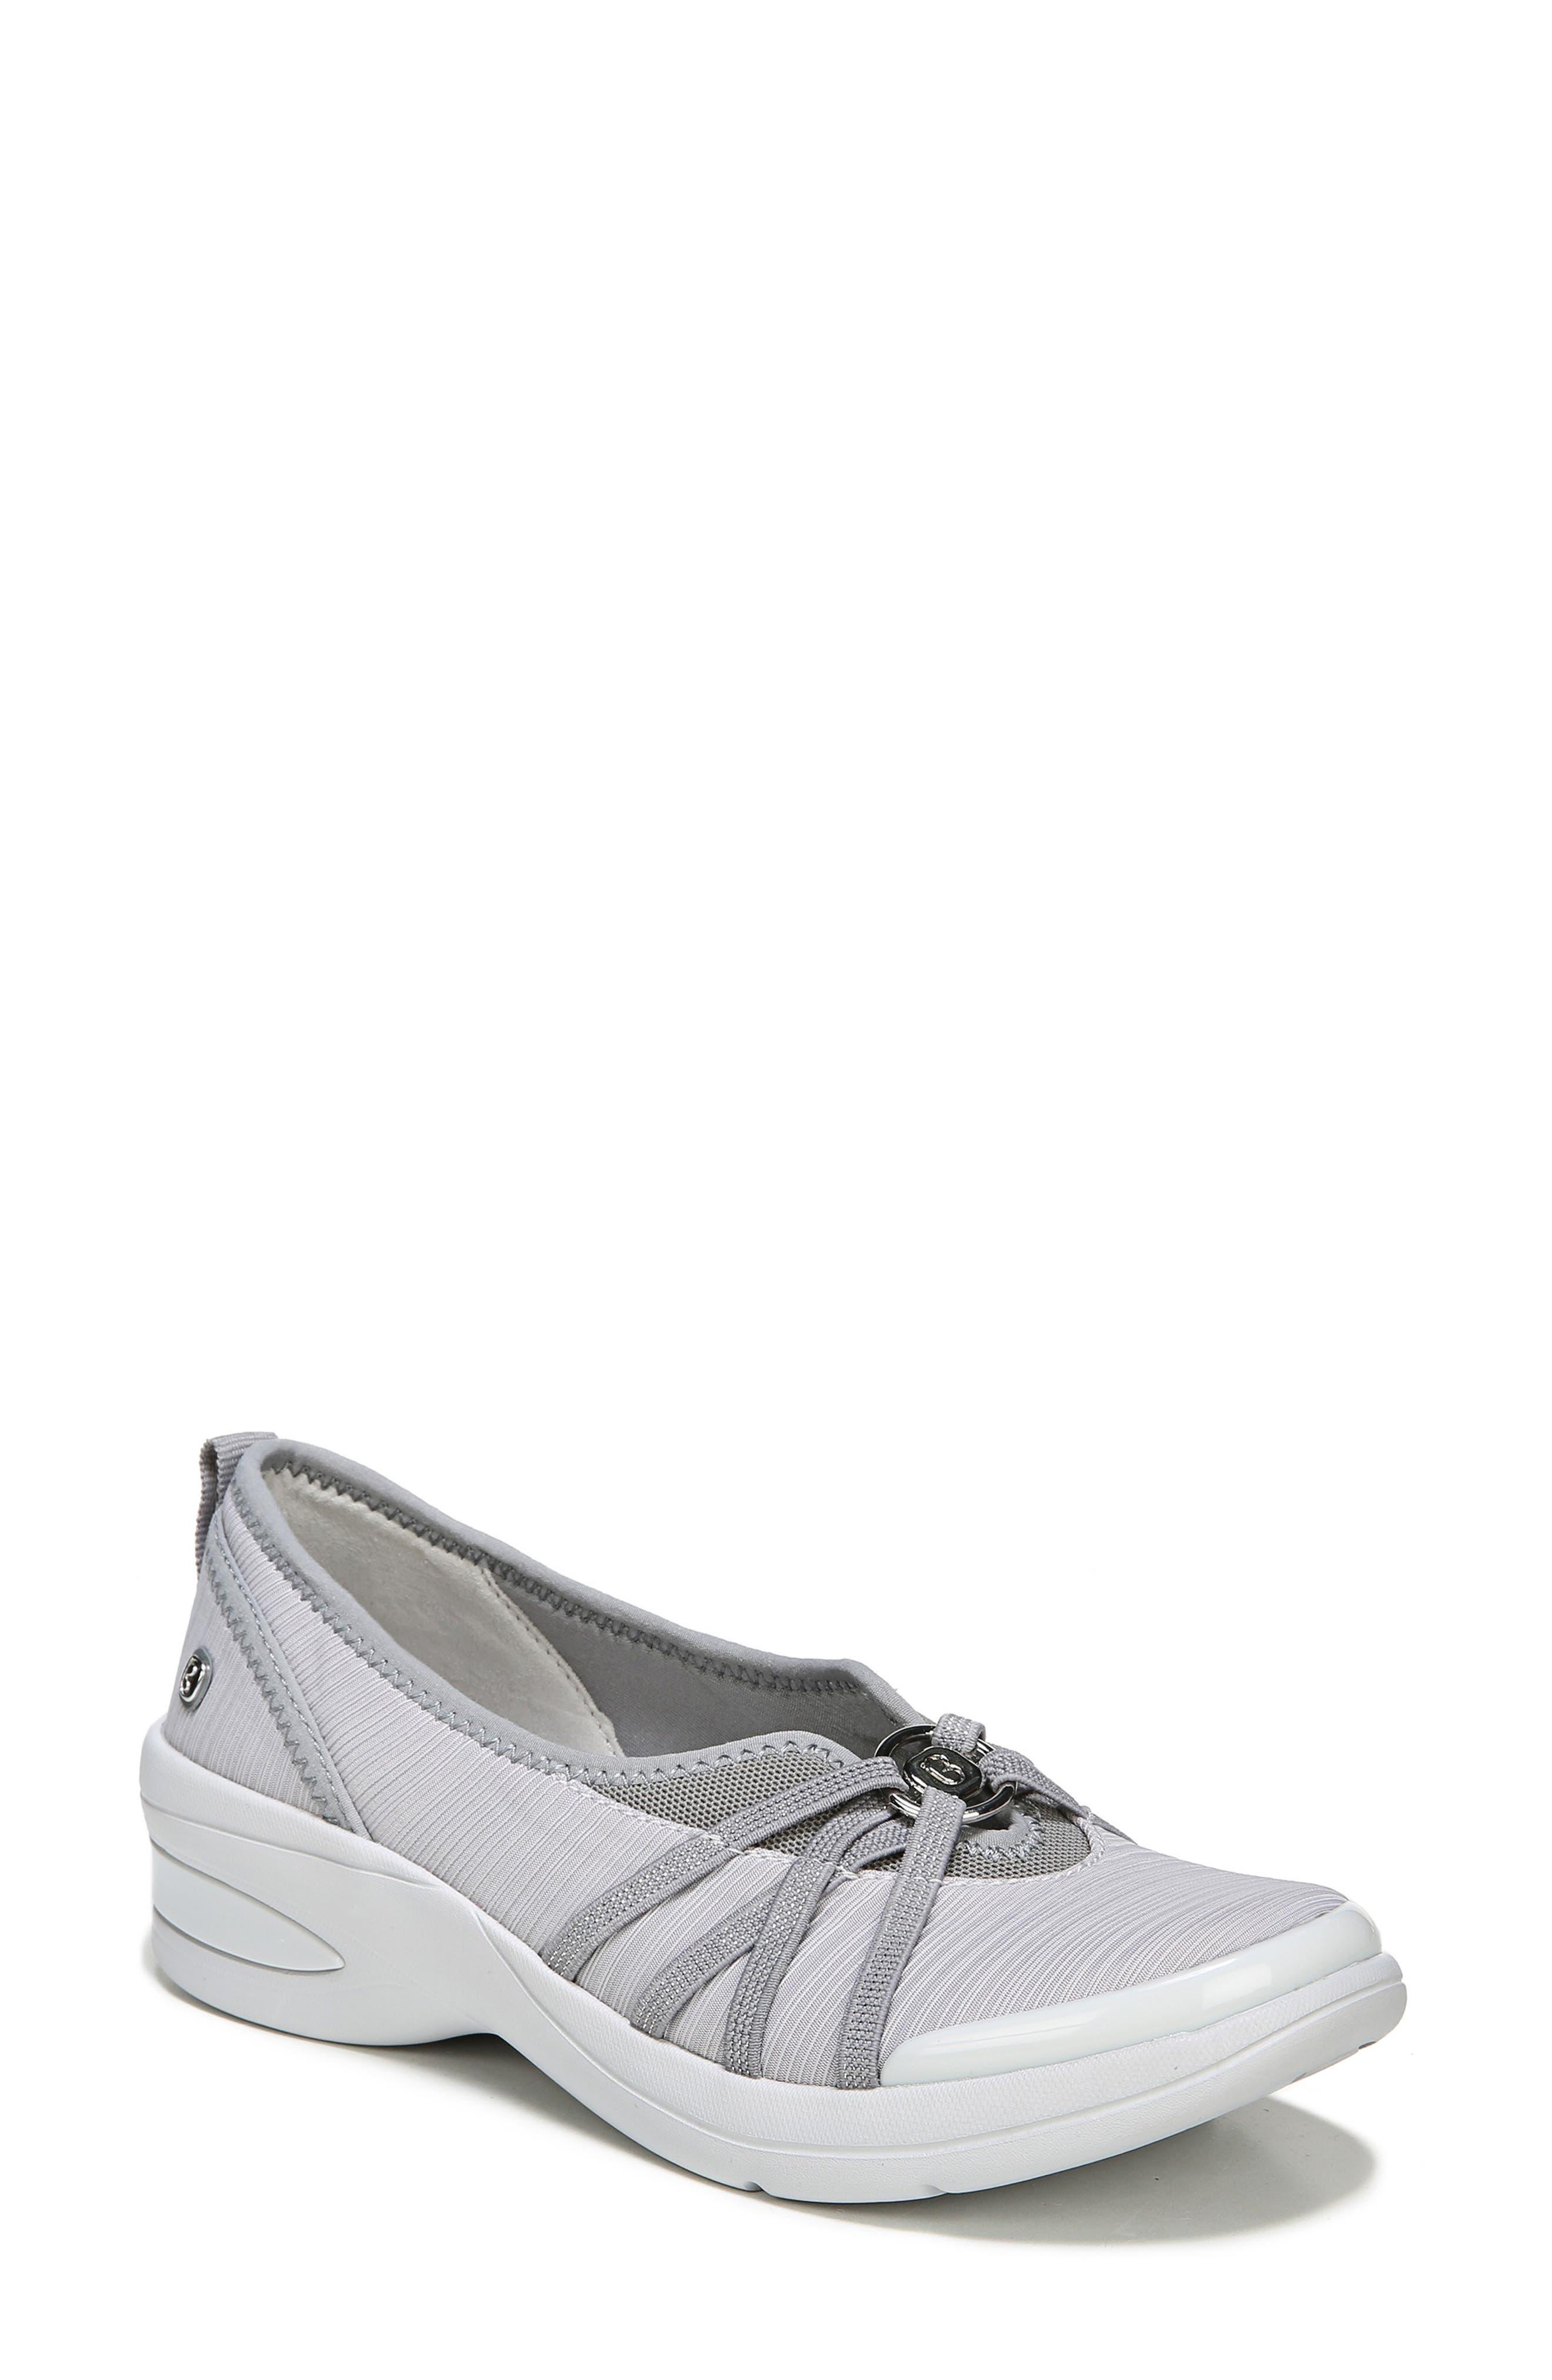 Bzees Rosie Sneaker, Grey